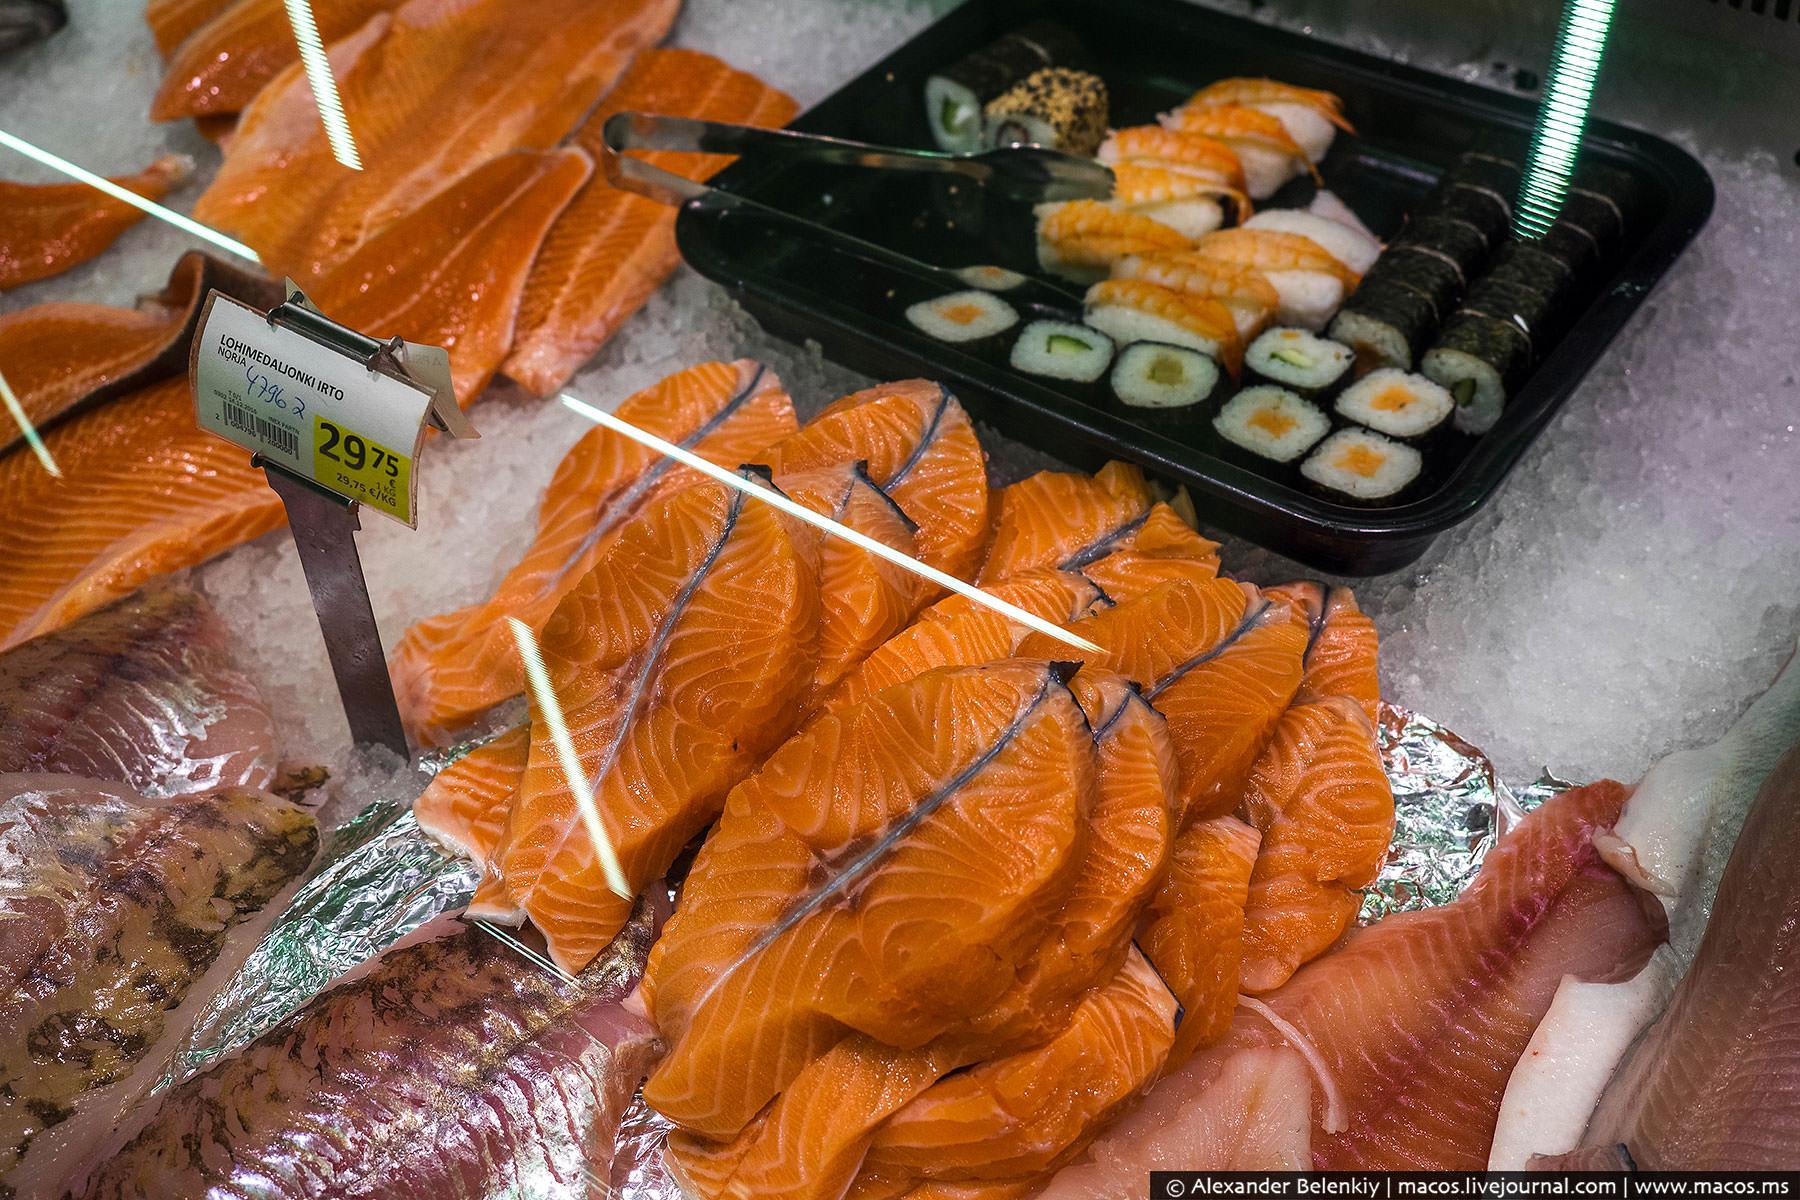 Даже странно, что при такой свежей рыбе у них совсем не популярны суши-бары.